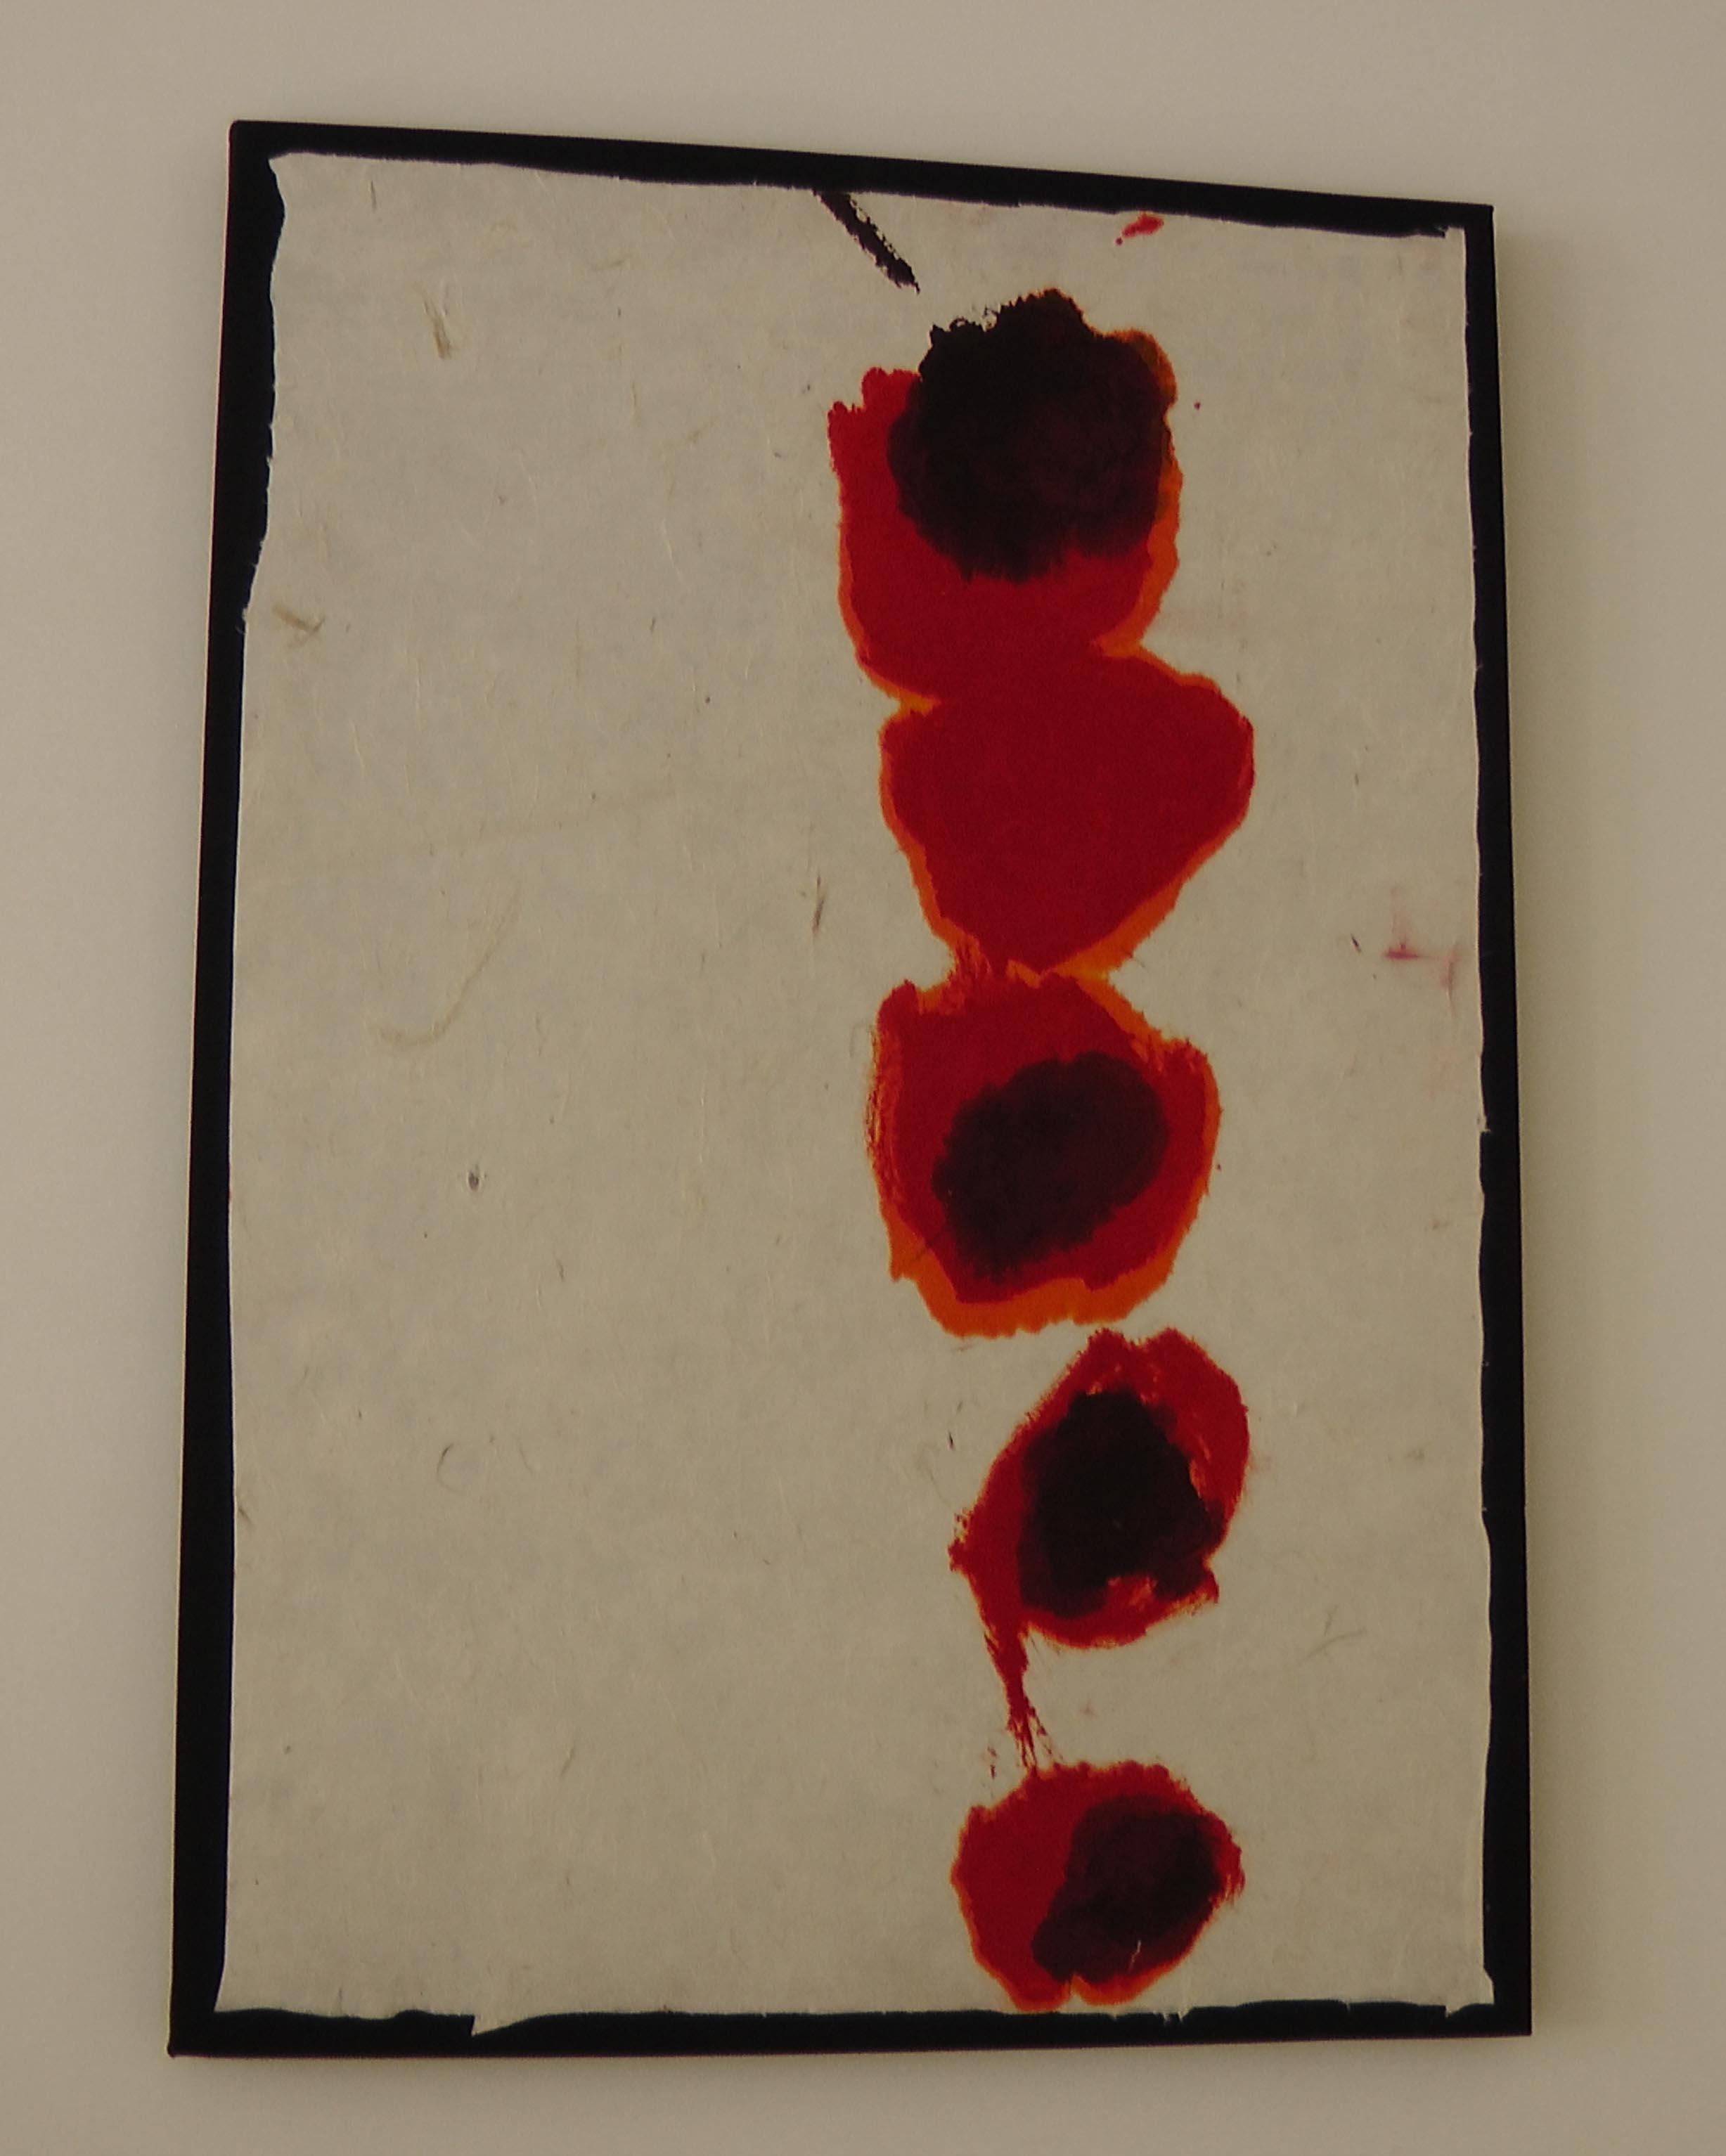 Rachel Silski, Bombs II, série Traces de coquelicots, sur papier Do, vagabondssanstreves.com